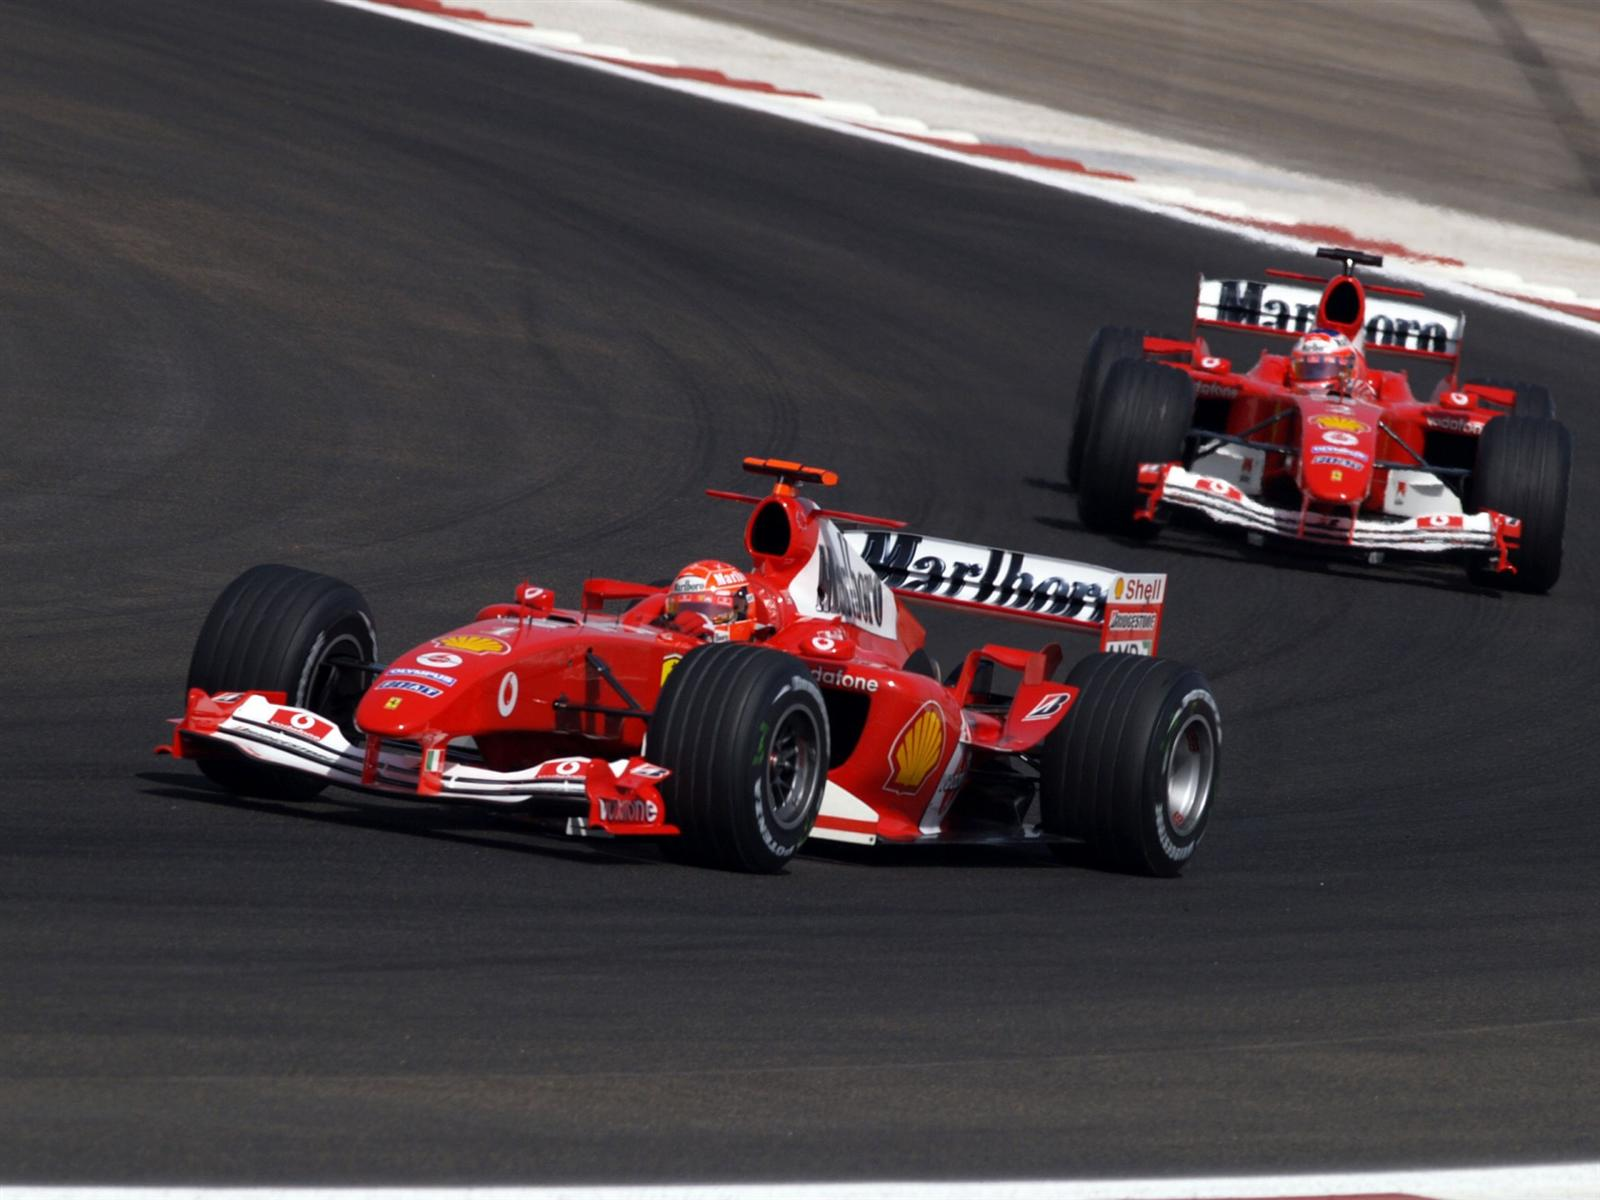 Grandes Dominios Ferrari 2000 2004 Julianne Cerasoli